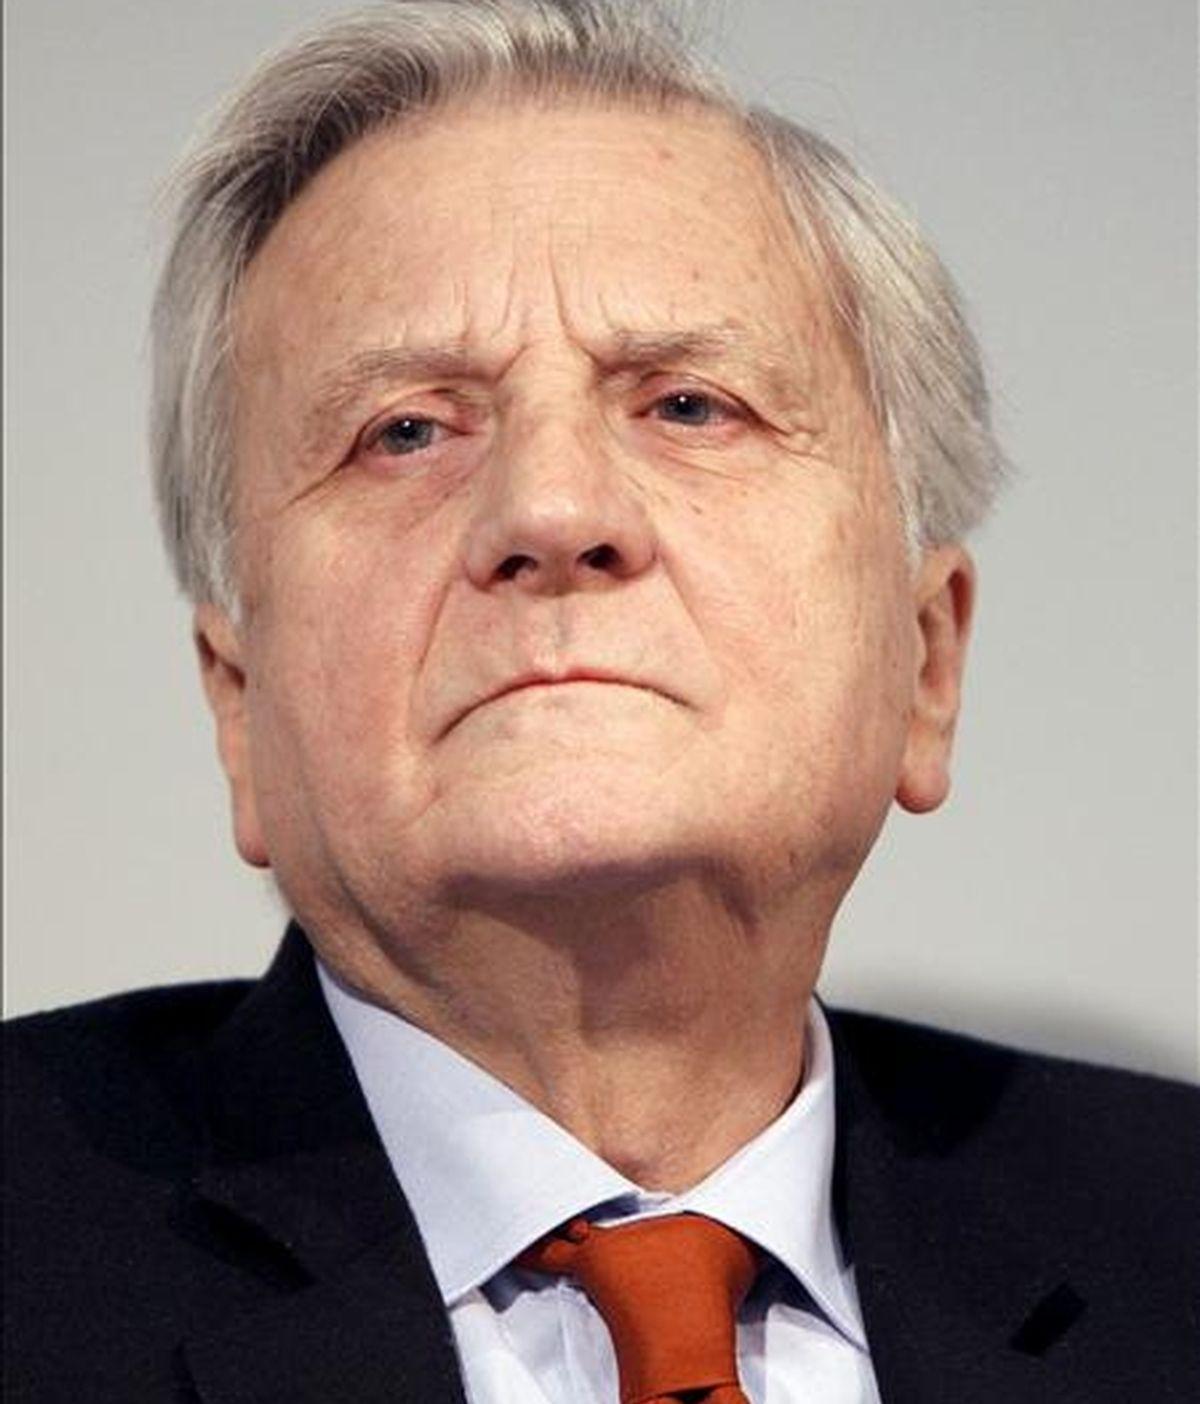 Fotografía de archivo del presidente del Banco Central Europeo, Jean-Claude Trichet. EFE/Archivo